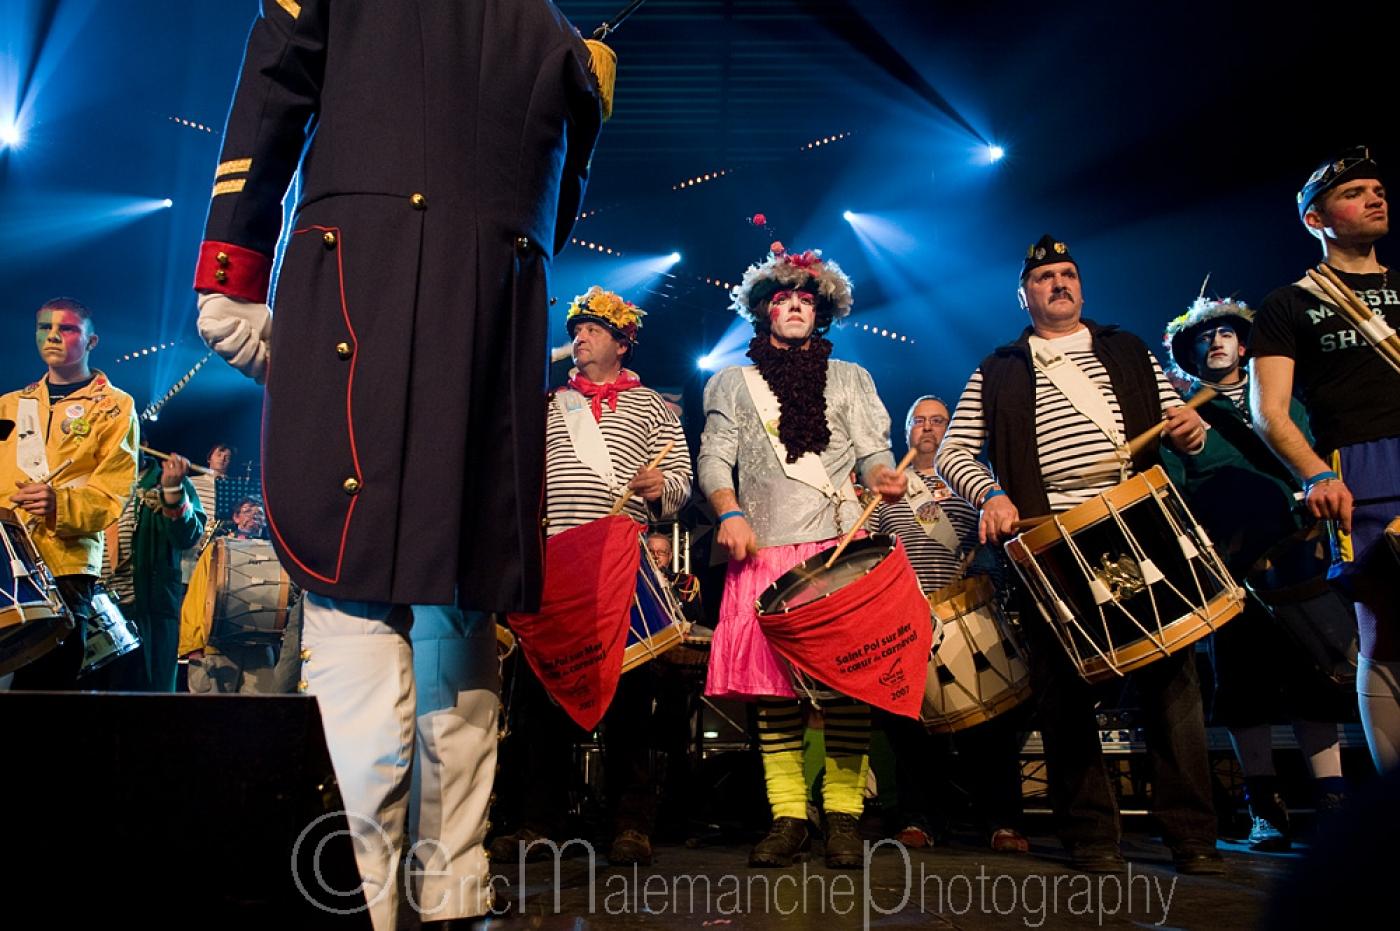 http://www.ericmalemanche.com/imagess/topics/carnaval-de-dunkerque/liste/Carnaval-Dunkerque-0888.jpg